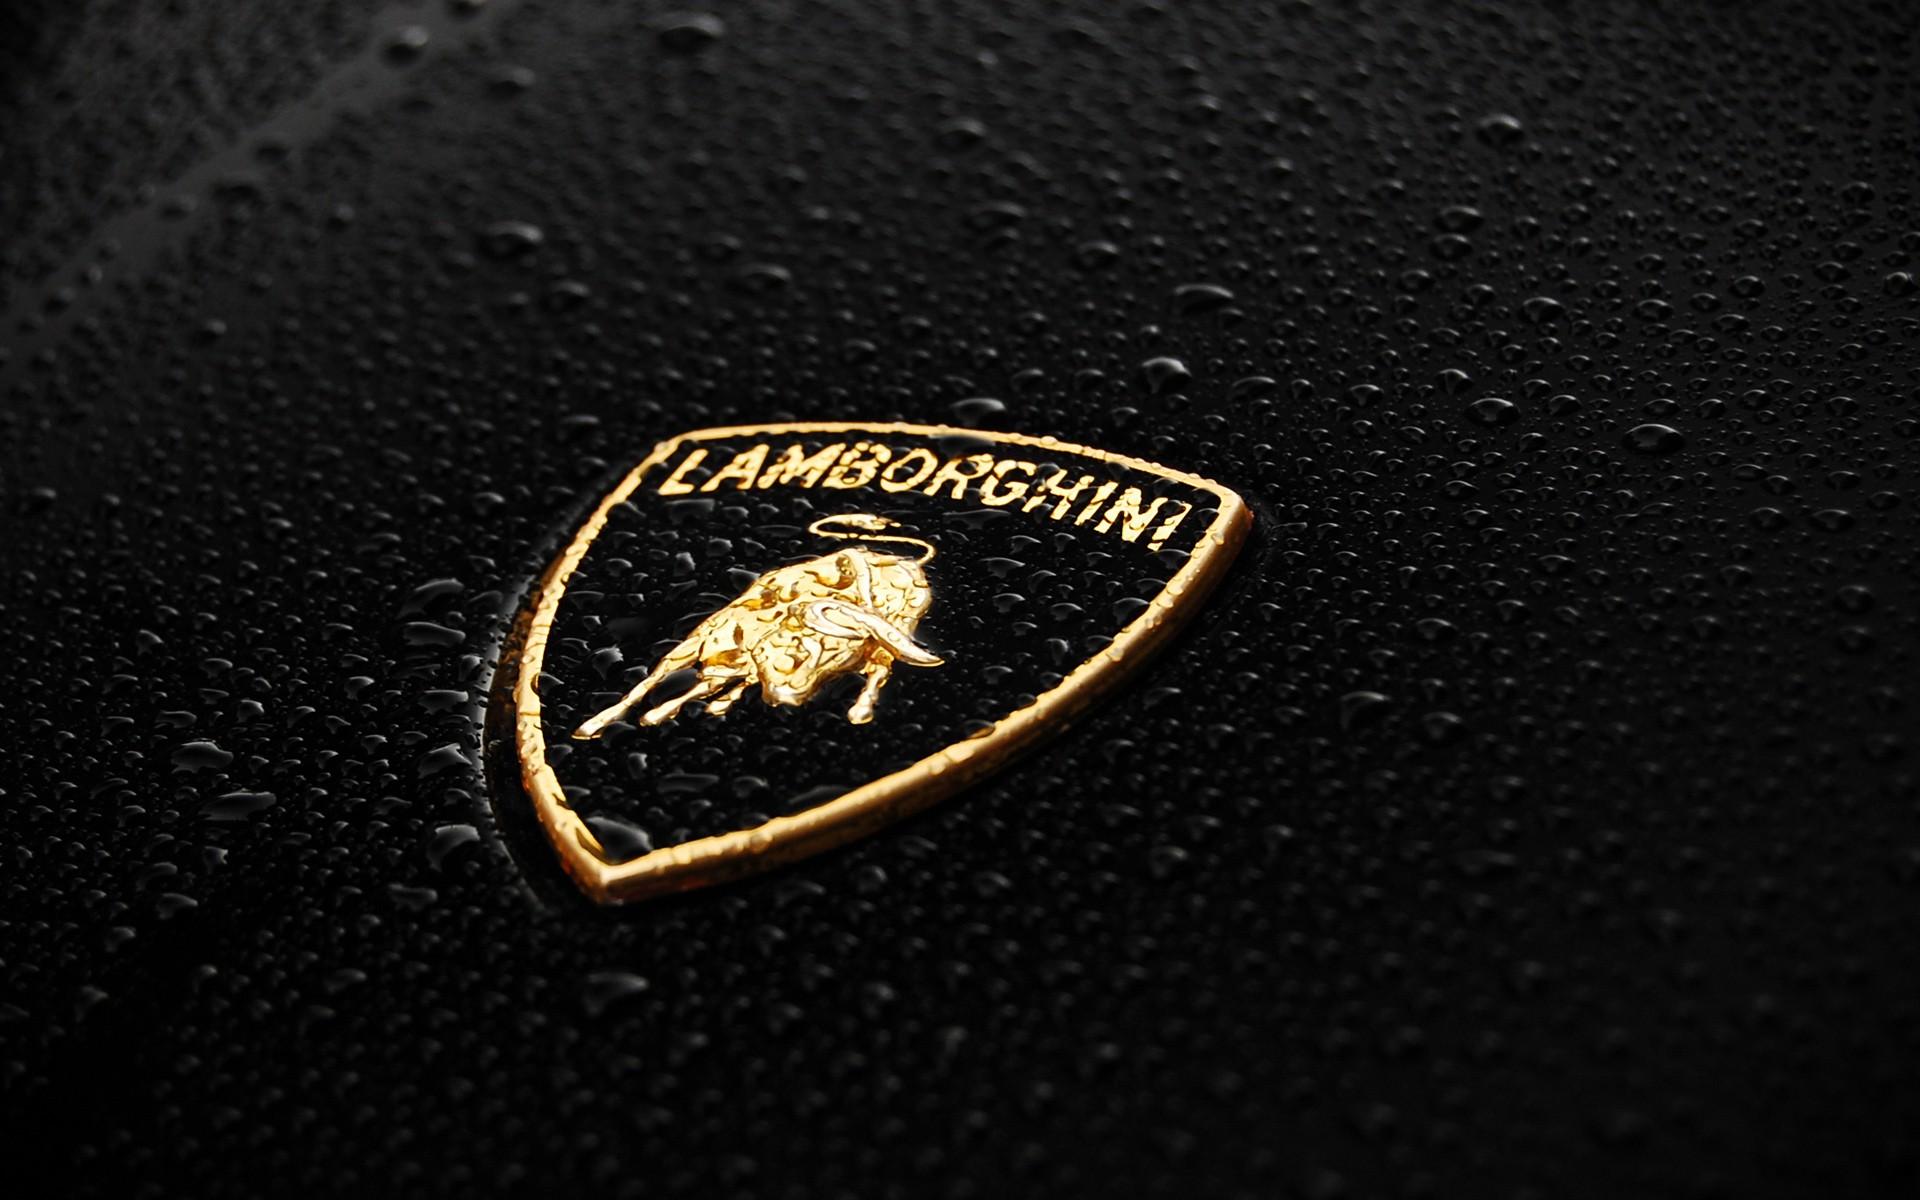 Beautiful 3d Wallpaper Iphone 6 Lamborghini Logo Wallpapers Pictures Images